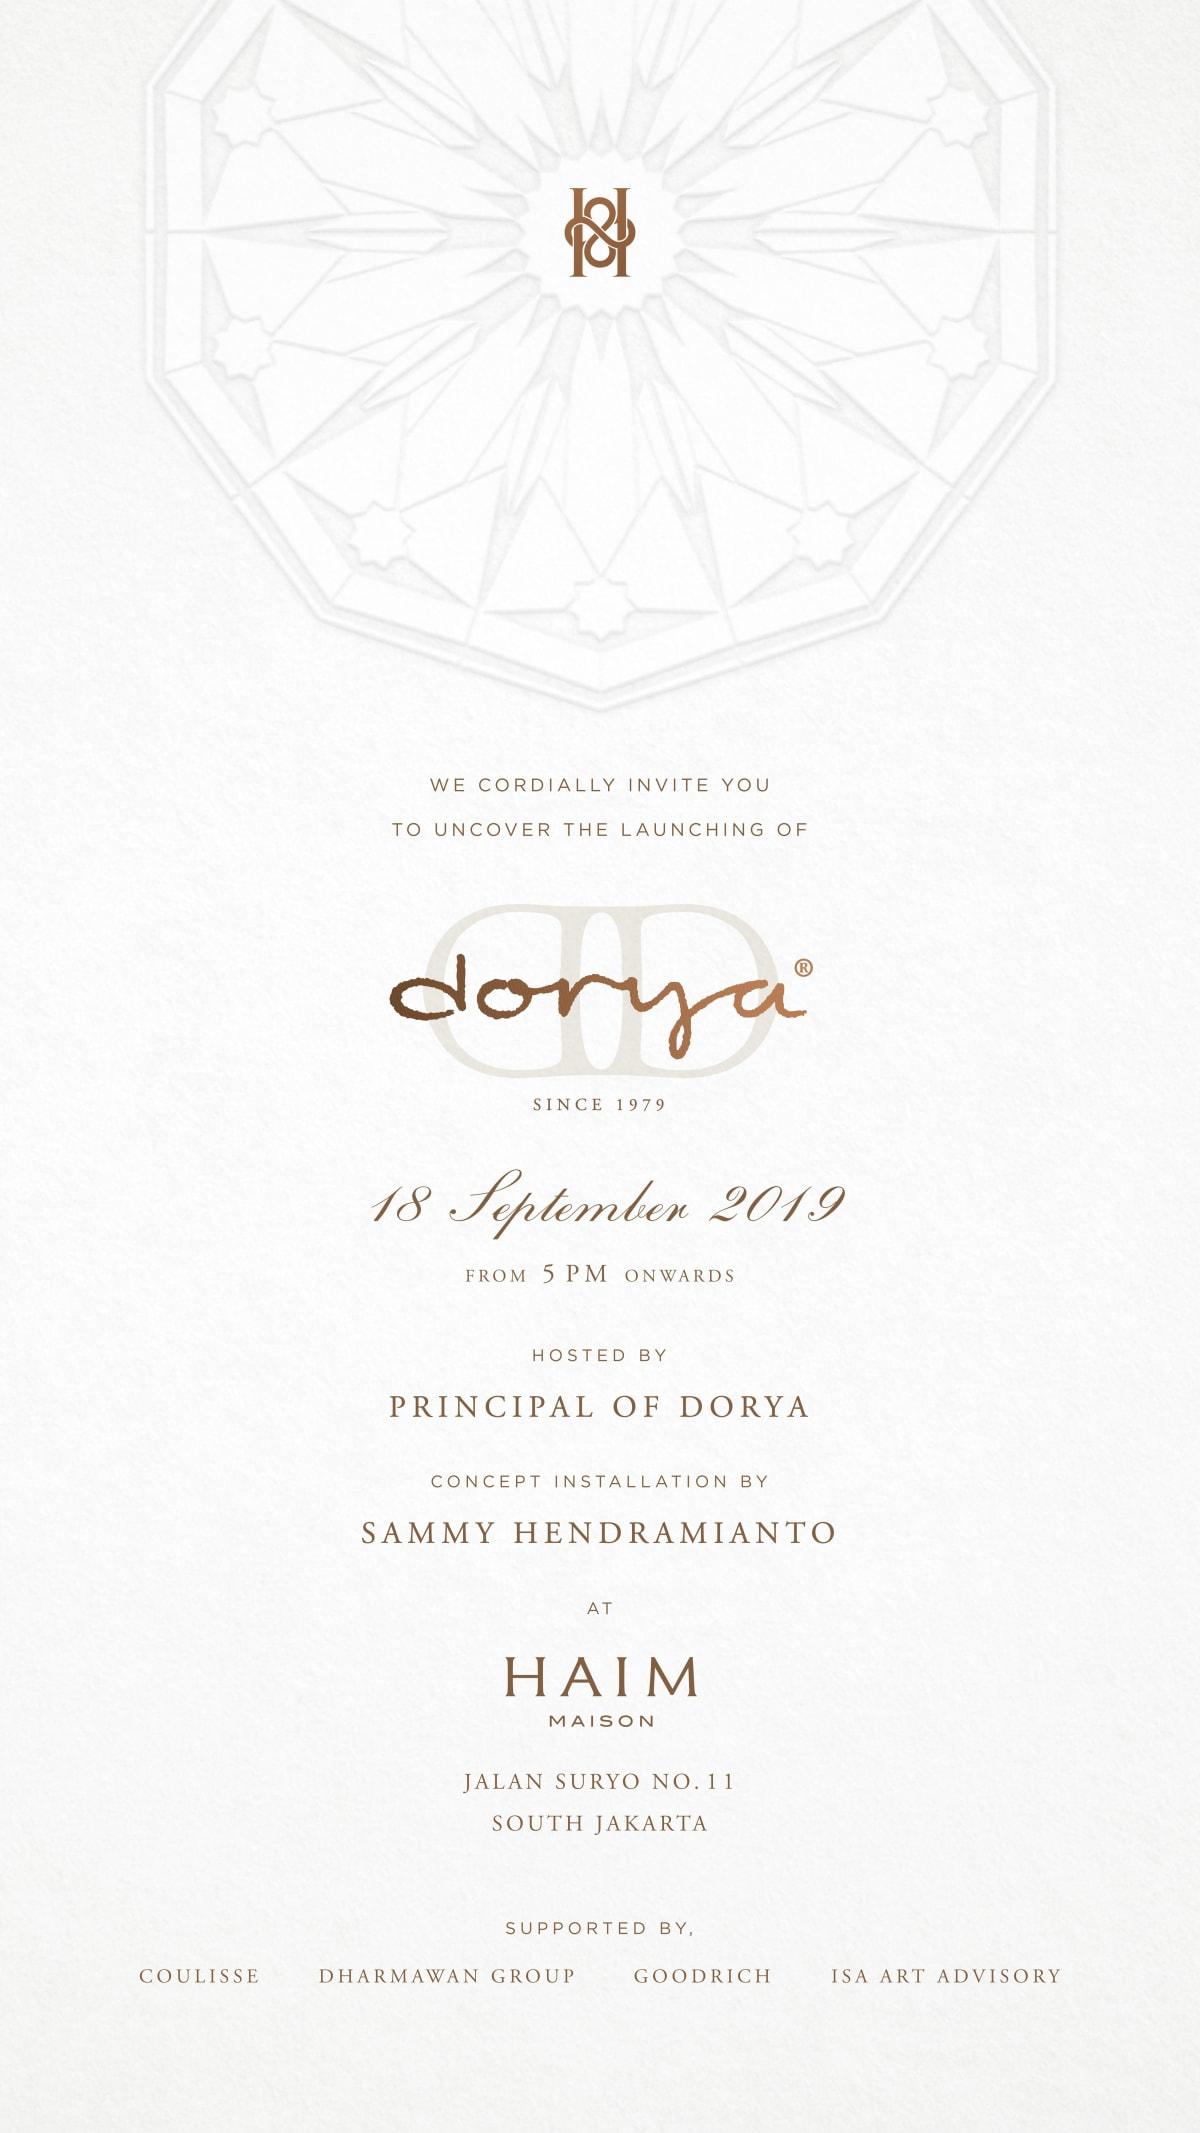 The Principal of Dorya